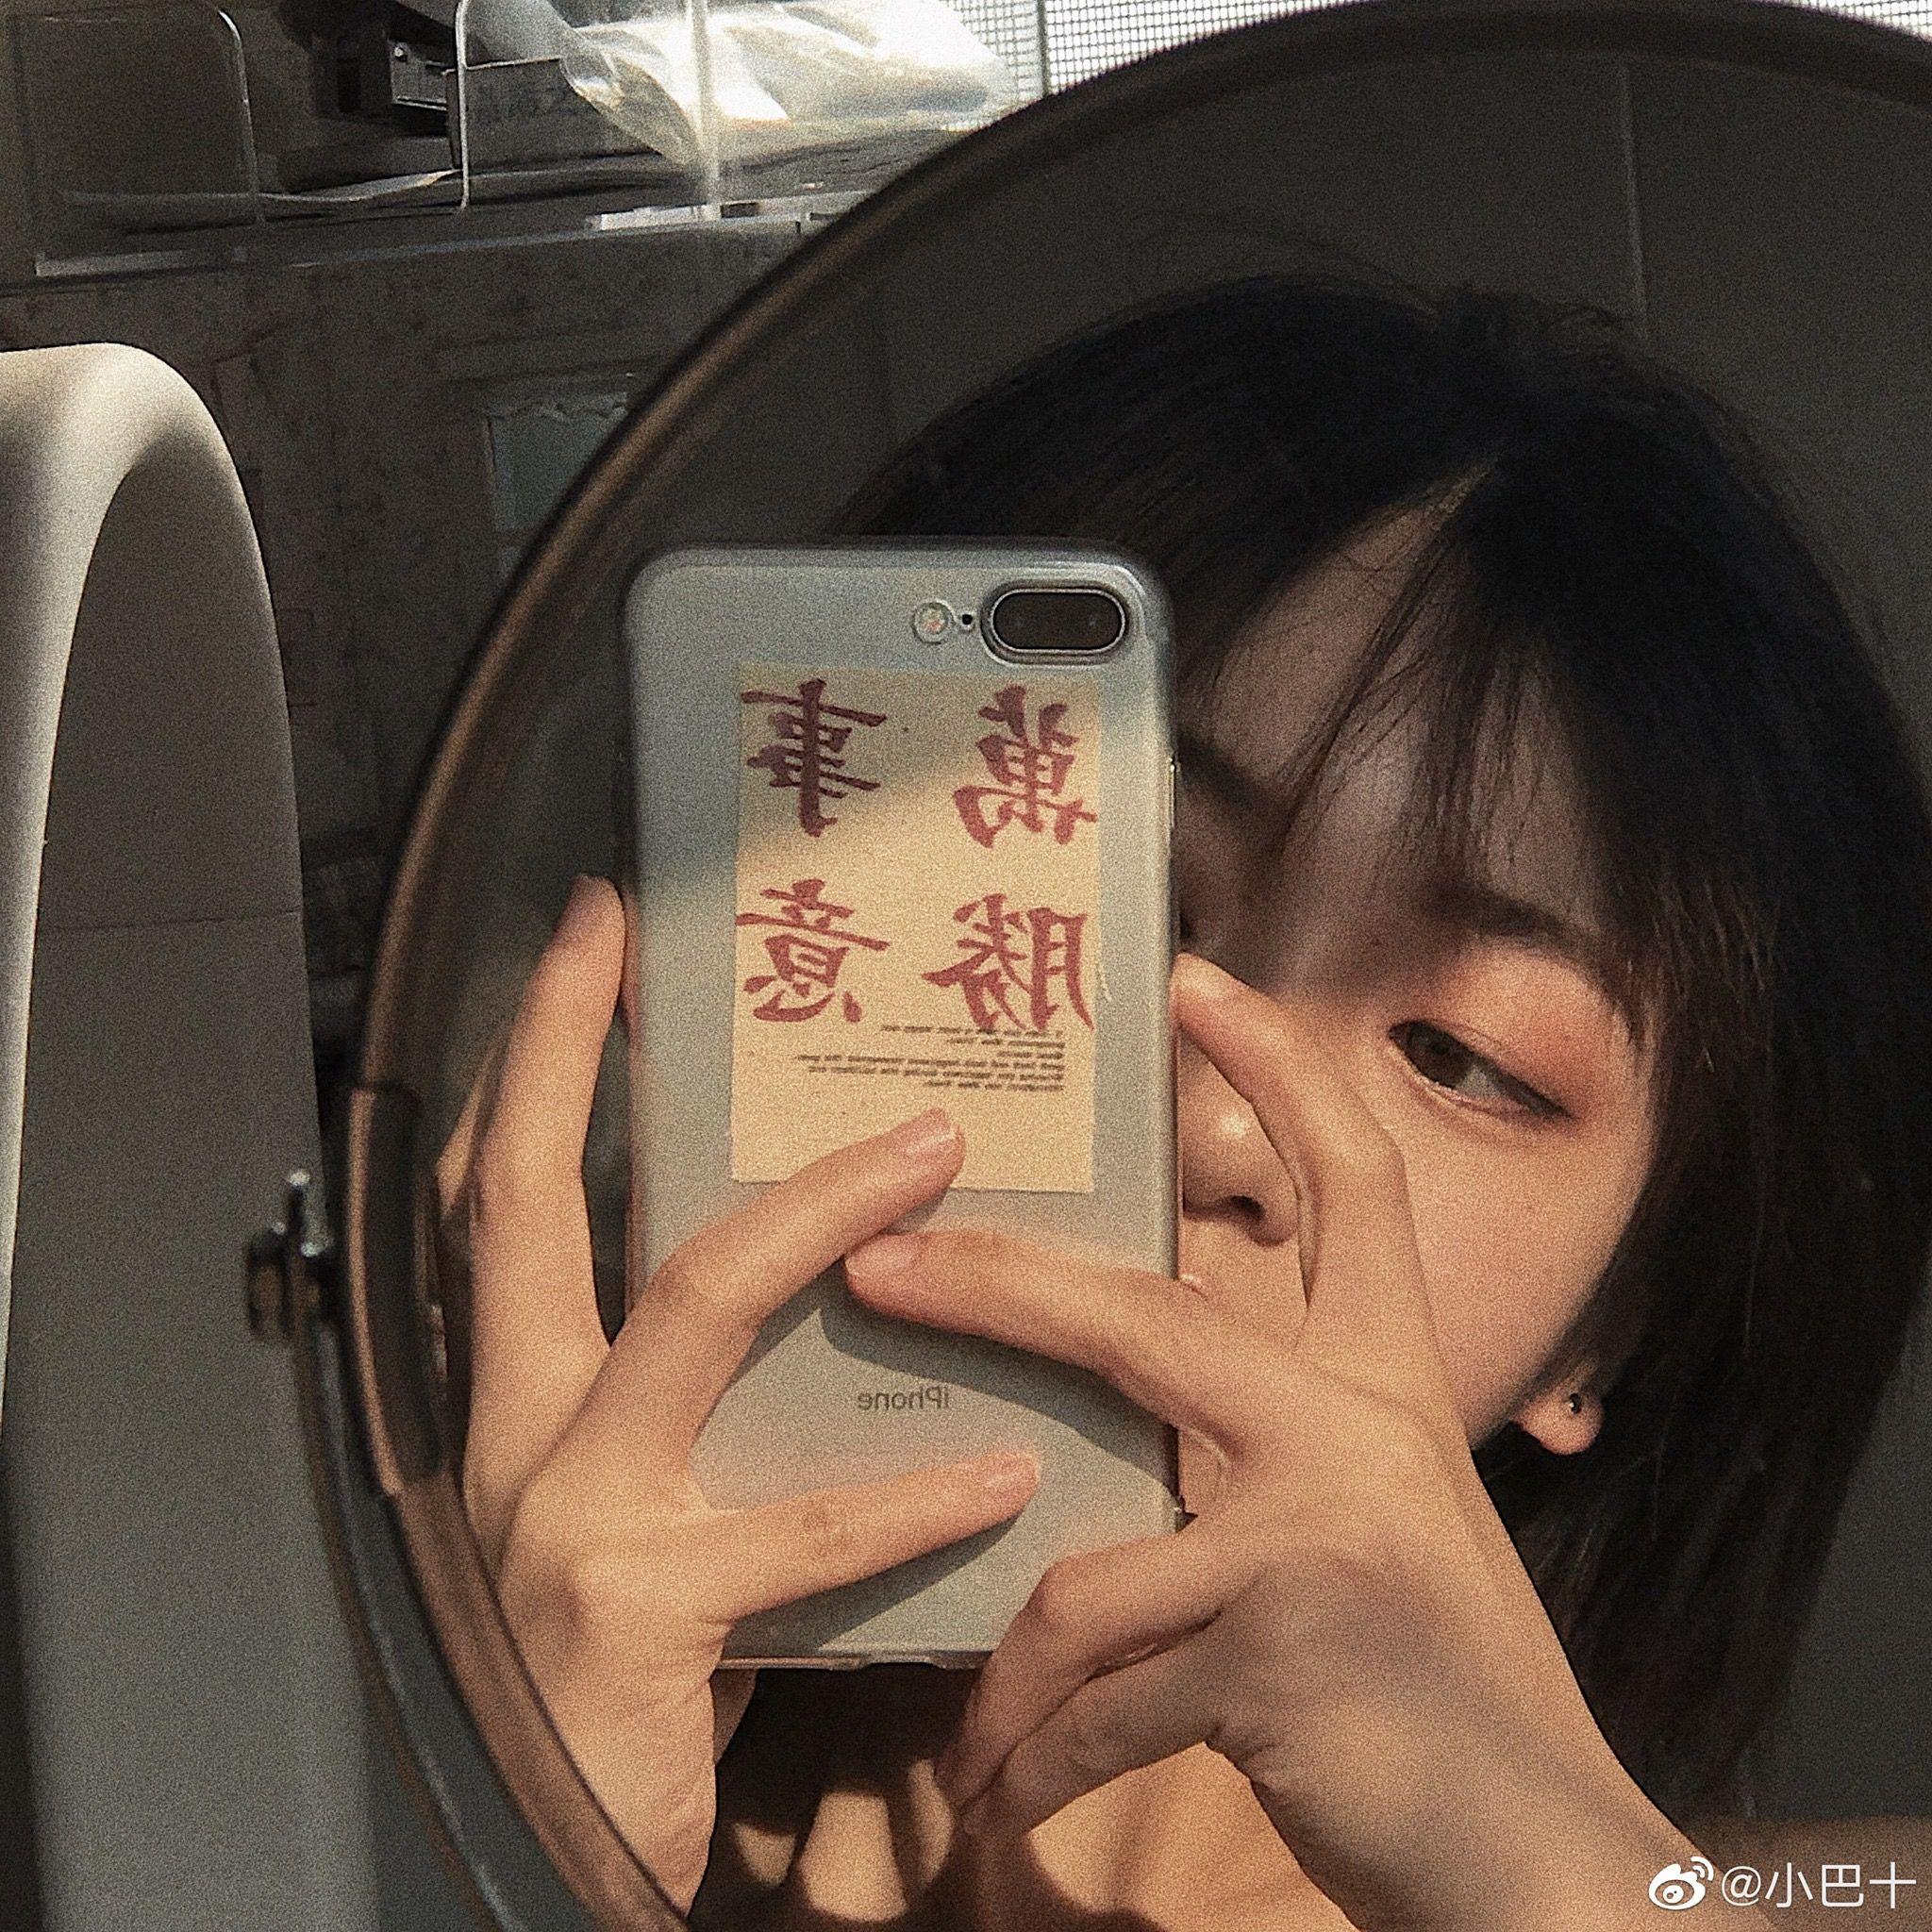 ᵖⁱⁿᵗᵉʳᵉˢᵗ ʳᵒᵐᵃⁿᵗⁱᶜⁱˢᵉ Girl Korean Aesthetic